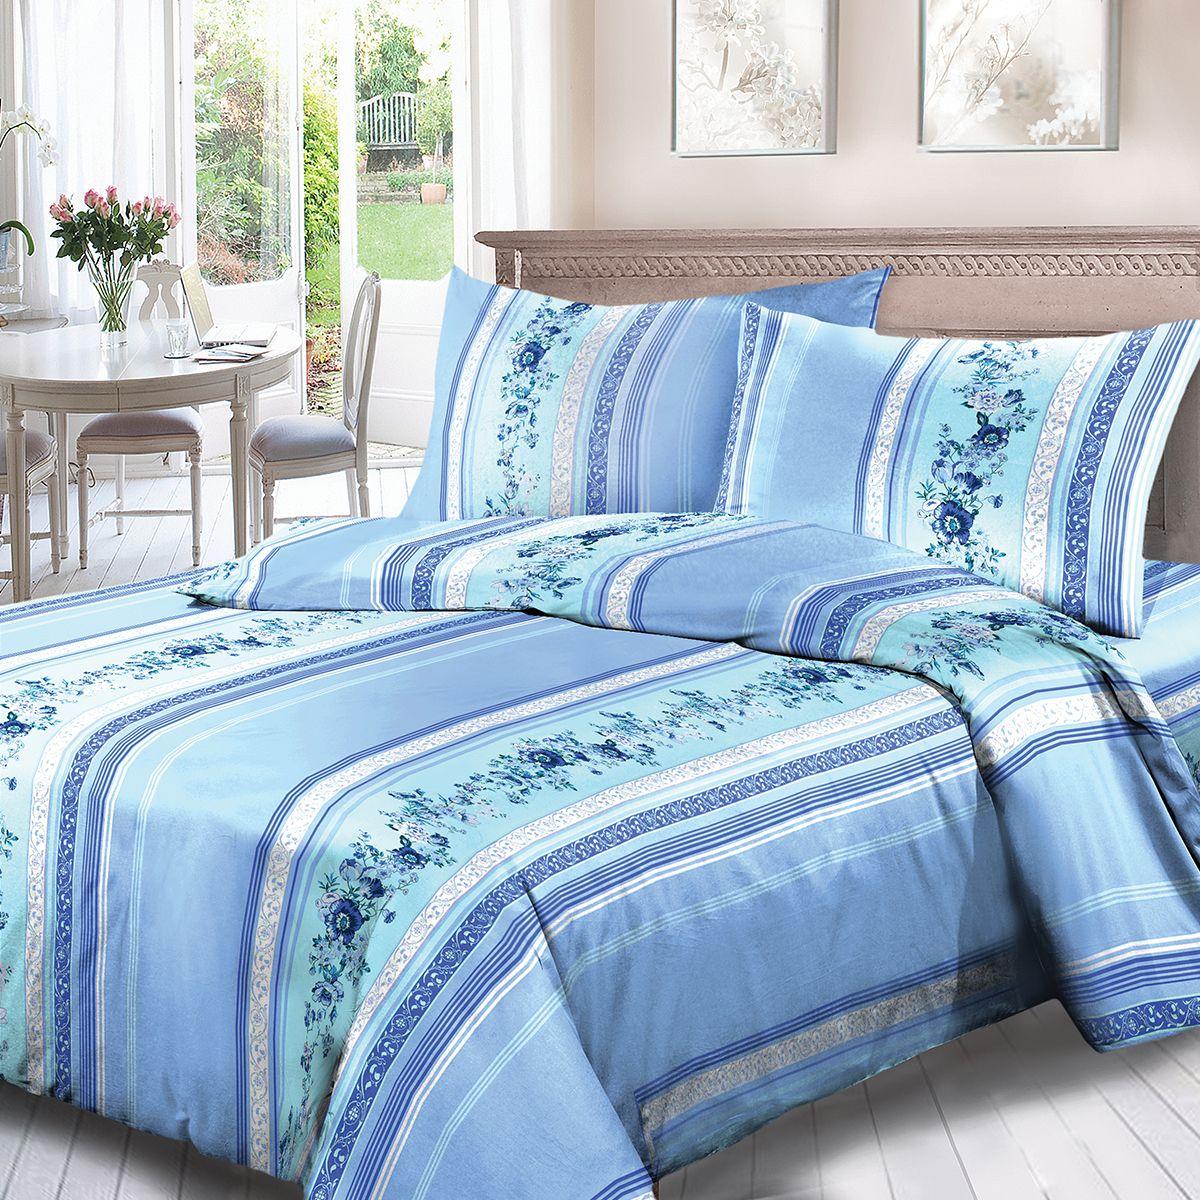 Комплект белья Для Снов Анабэль, 1,5-спальное, наволочки 70x70, цвет: голубой84451Постельное белье из высококачественного поплина ( Ткань Традиция) , в составе которого находится только 100% мерсеризованный хлопок - это идеальный выбор современной женщины. Мерсеризация подчеркивает лучшие свойства хлопка: - Ткань прочнее обычной, при этом мягкая и шелковистая; - Цвета яркие и устойчивые; - Высокая гигроскопичность; - Меньше мнется, не линяет и не садится при многократных стирках; При производстве используются только безопасные красители ведущего швейцарского производителя BEZEMA Коллекция отличается тщательно проработанными современными дизайнами, разделенными на тематические группы. Созданные талантливыми европейскими и российскими художниками, они поражают своей нежной красотой, а восхитительная упаковка придает комплекту подарочный вид. Плотность ткани: 110 г/м.кв.